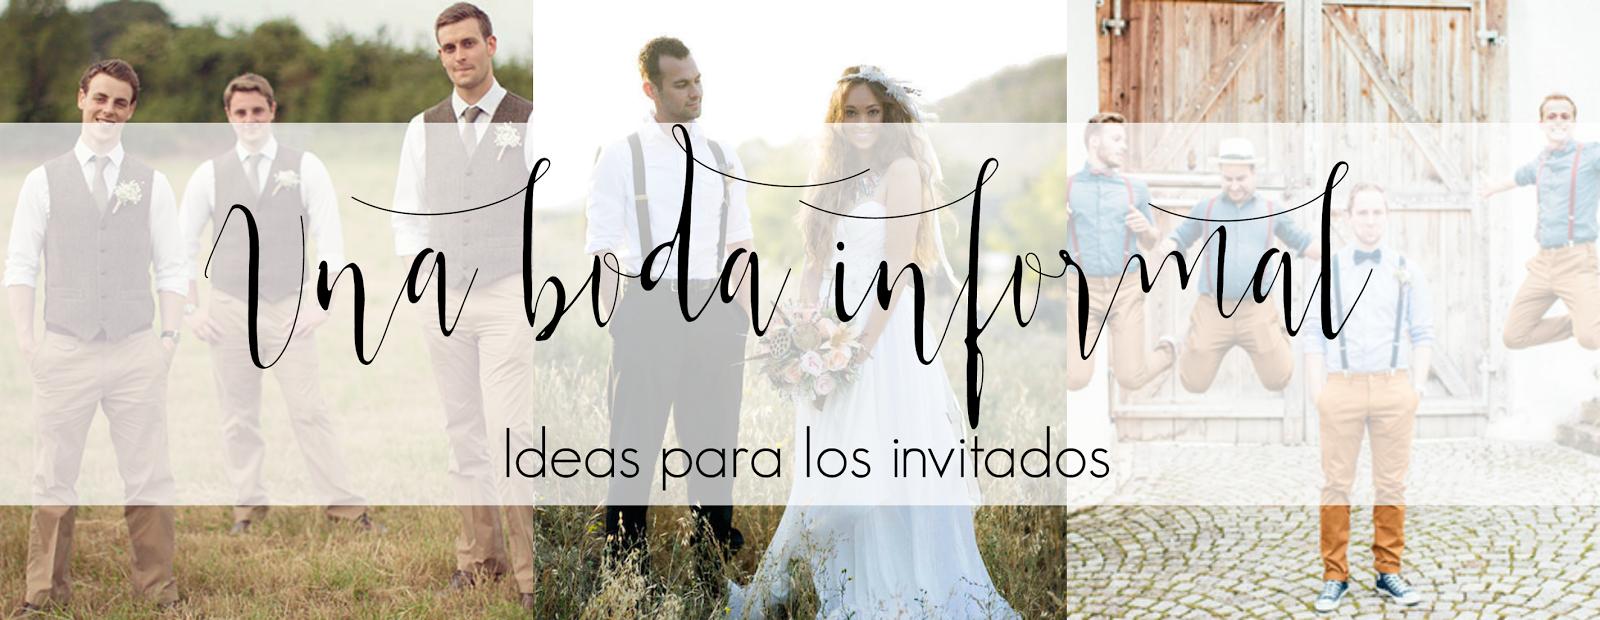 Una boda informal para hombres alas de mariposa - Boda informal ...